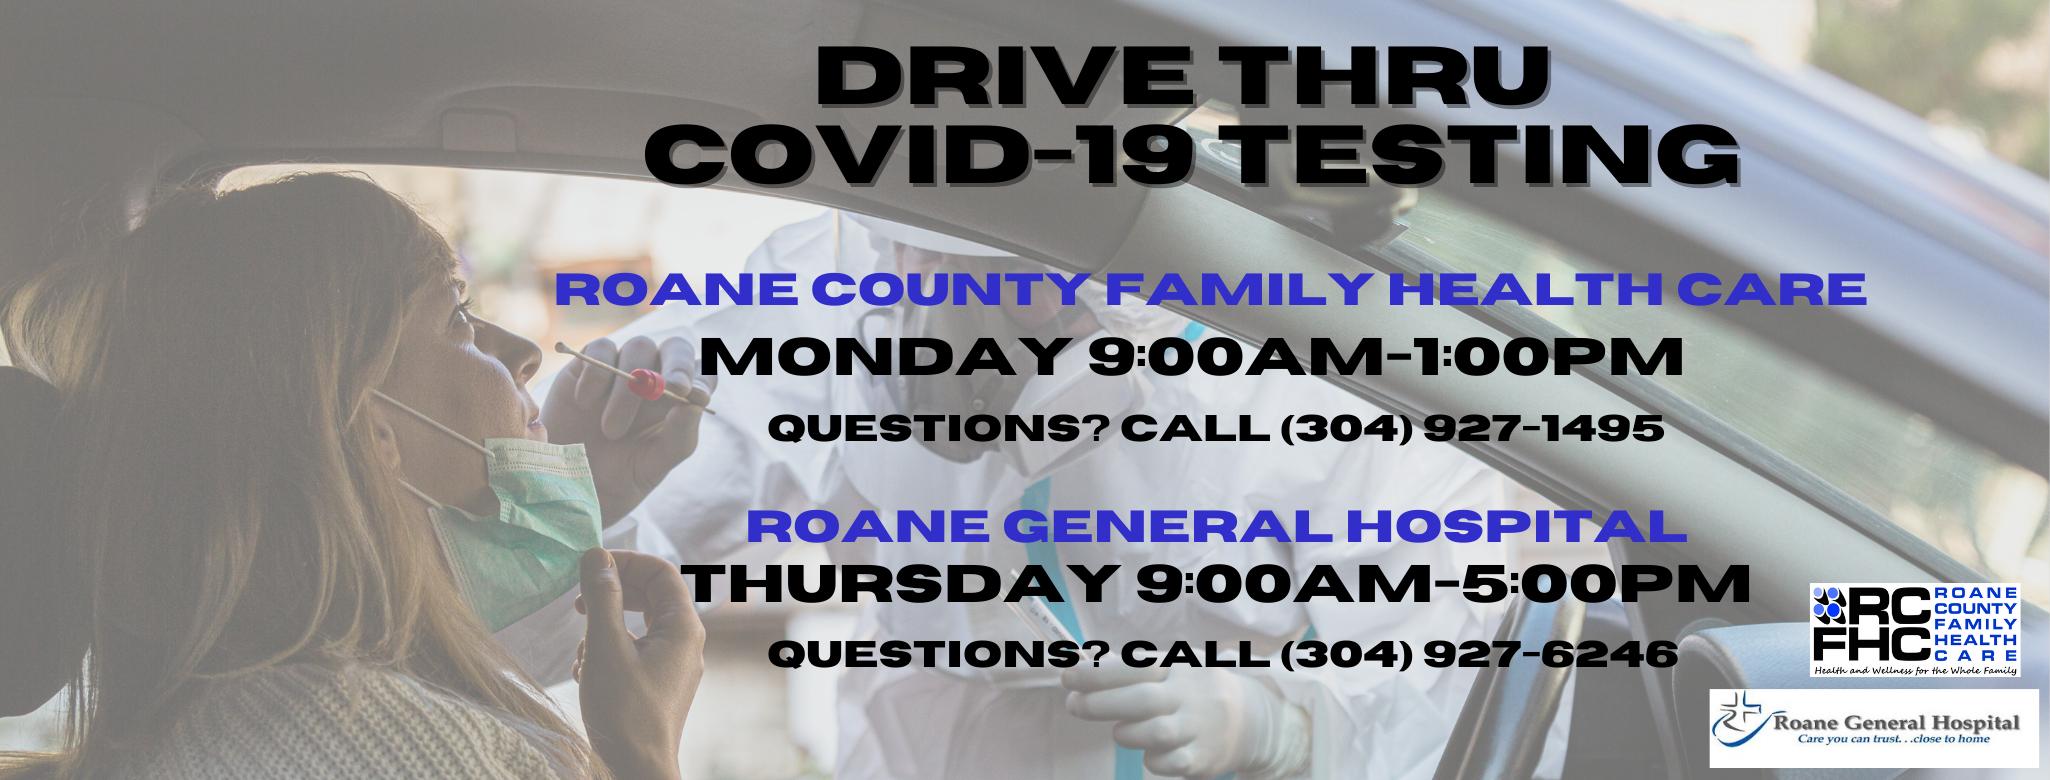 COVID-19 Testing and Flu Shots